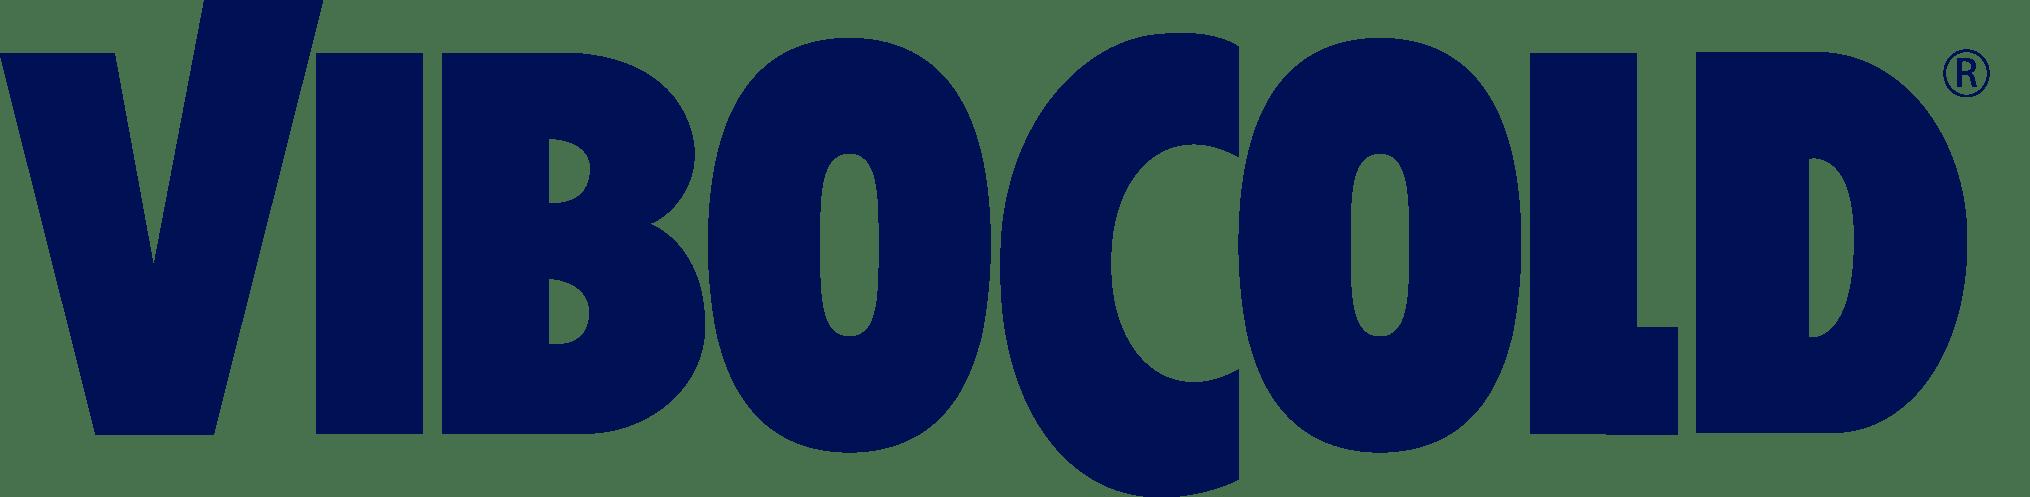 FREOR_partner_Vibocold